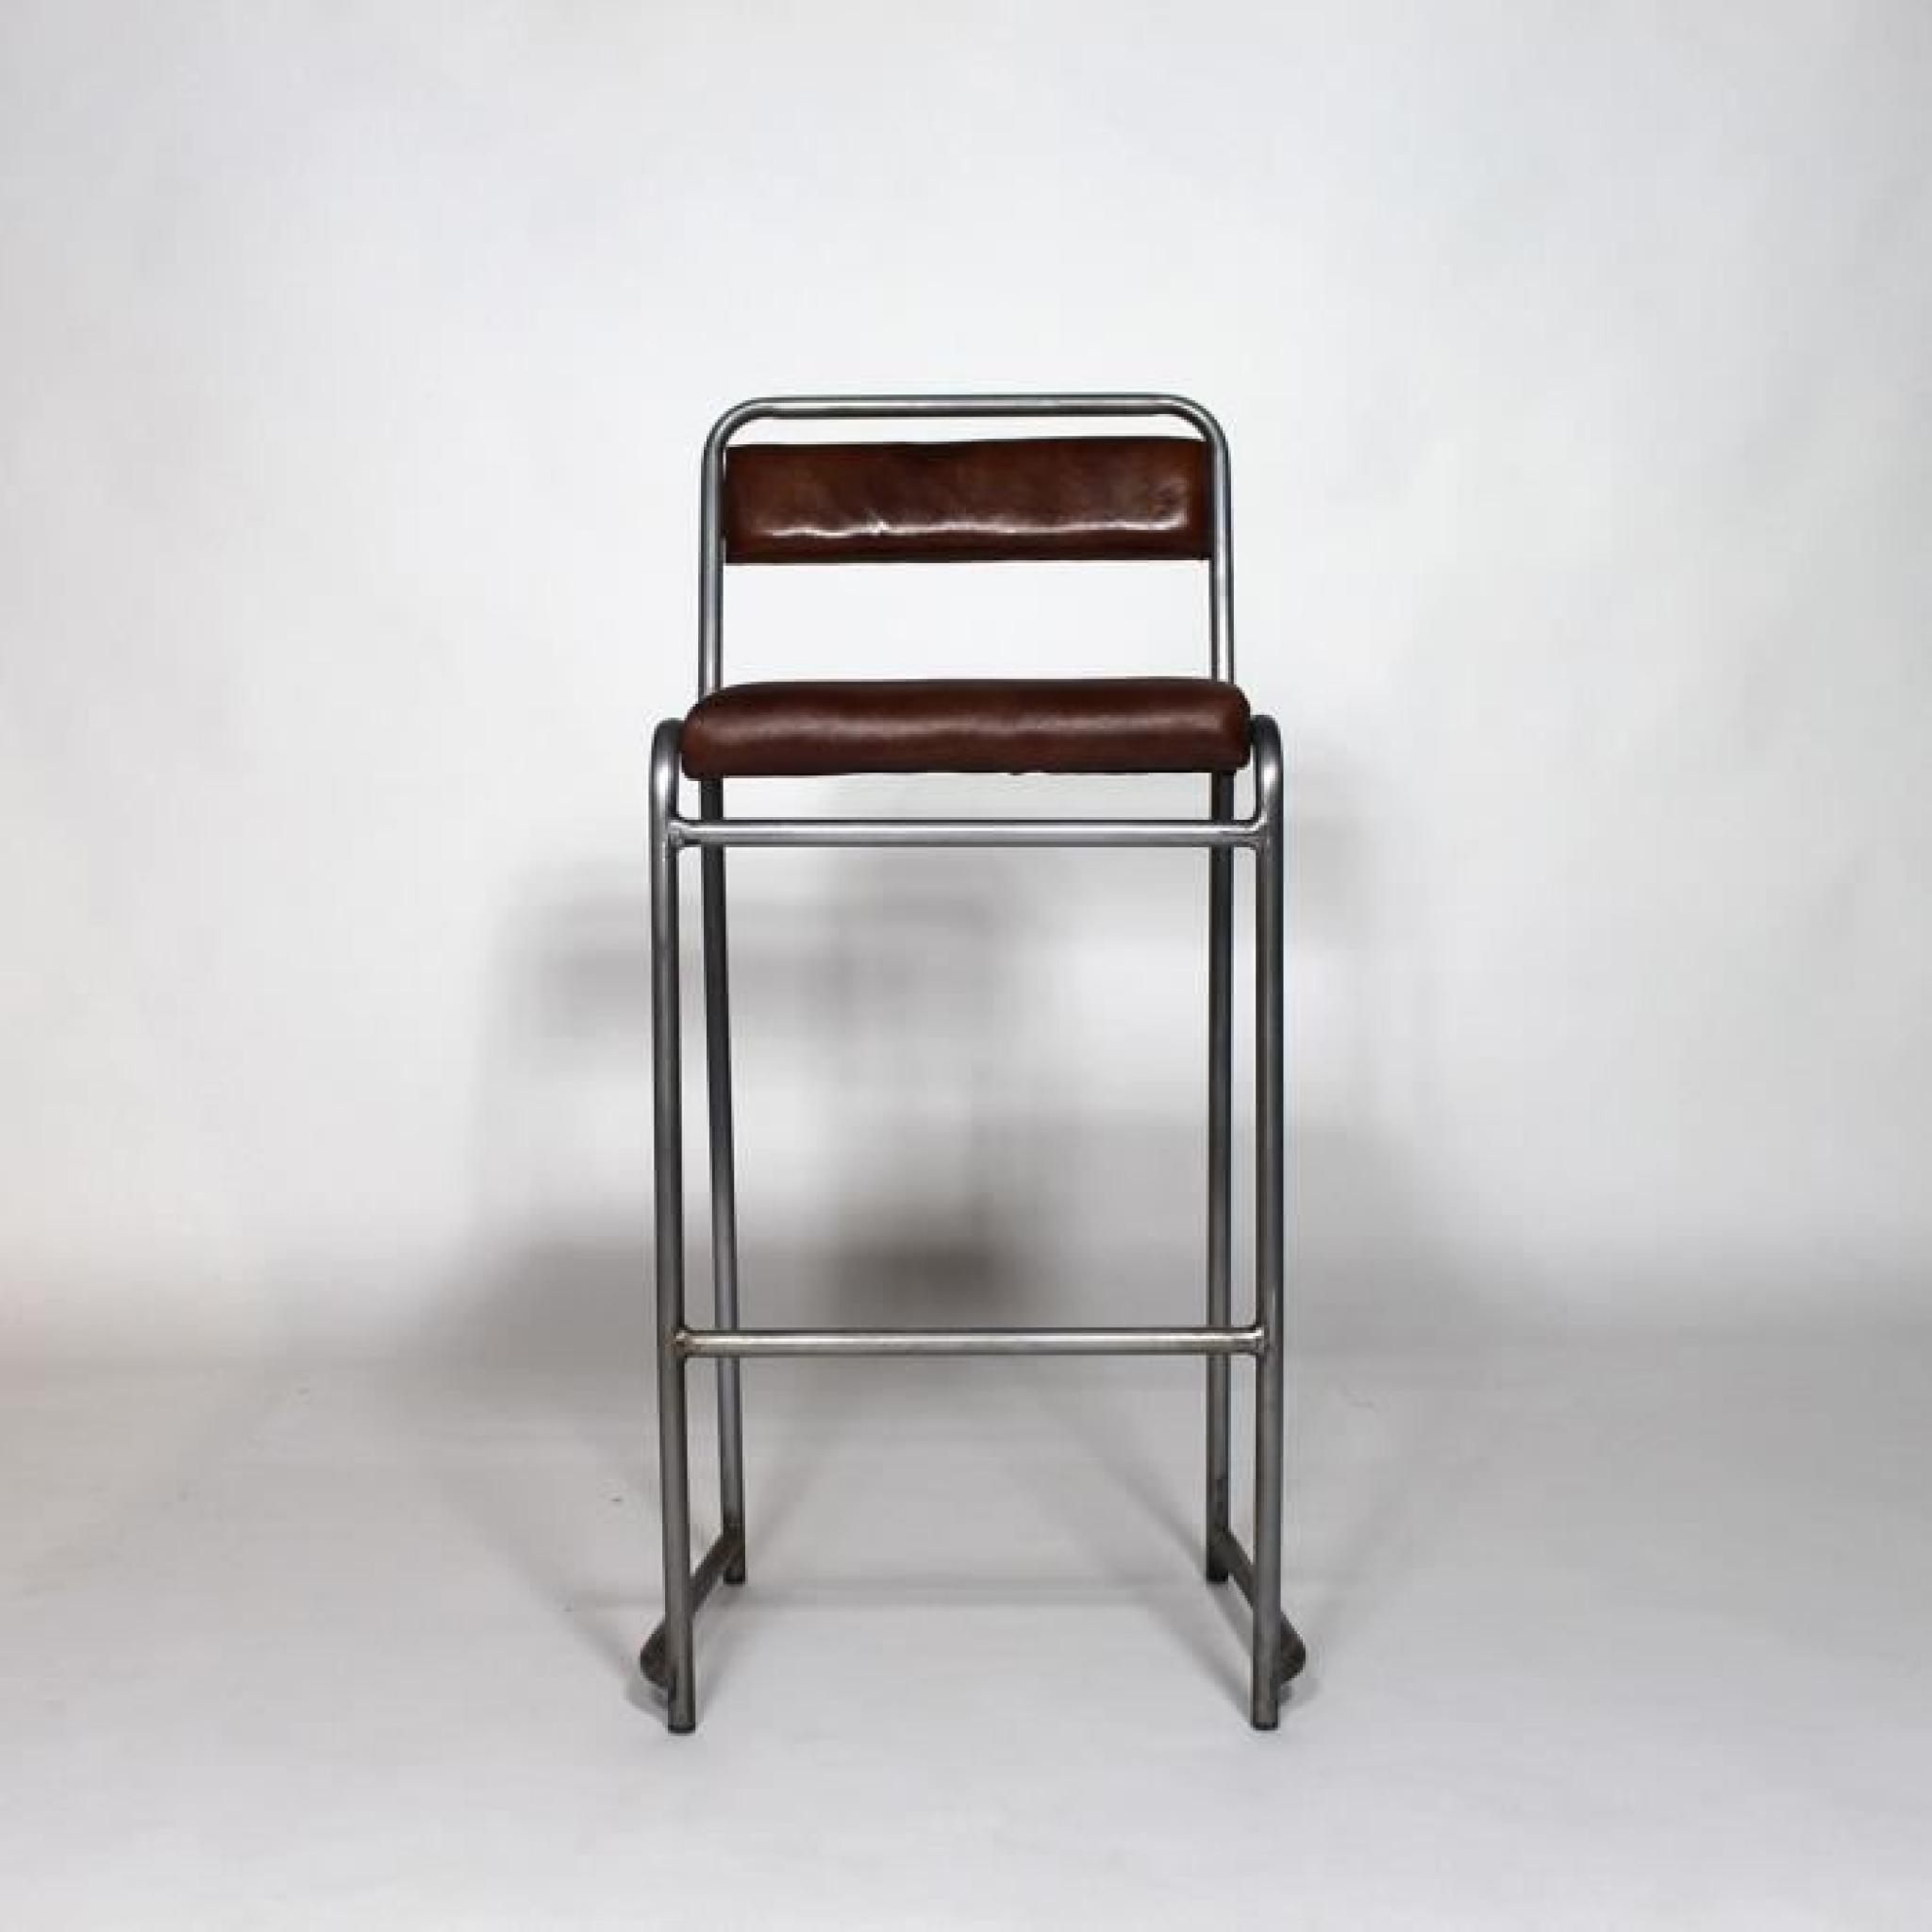 tabouret de bar m tal gris et cuir s50 achat vente. Black Bedroom Furniture Sets. Home Design Ideas